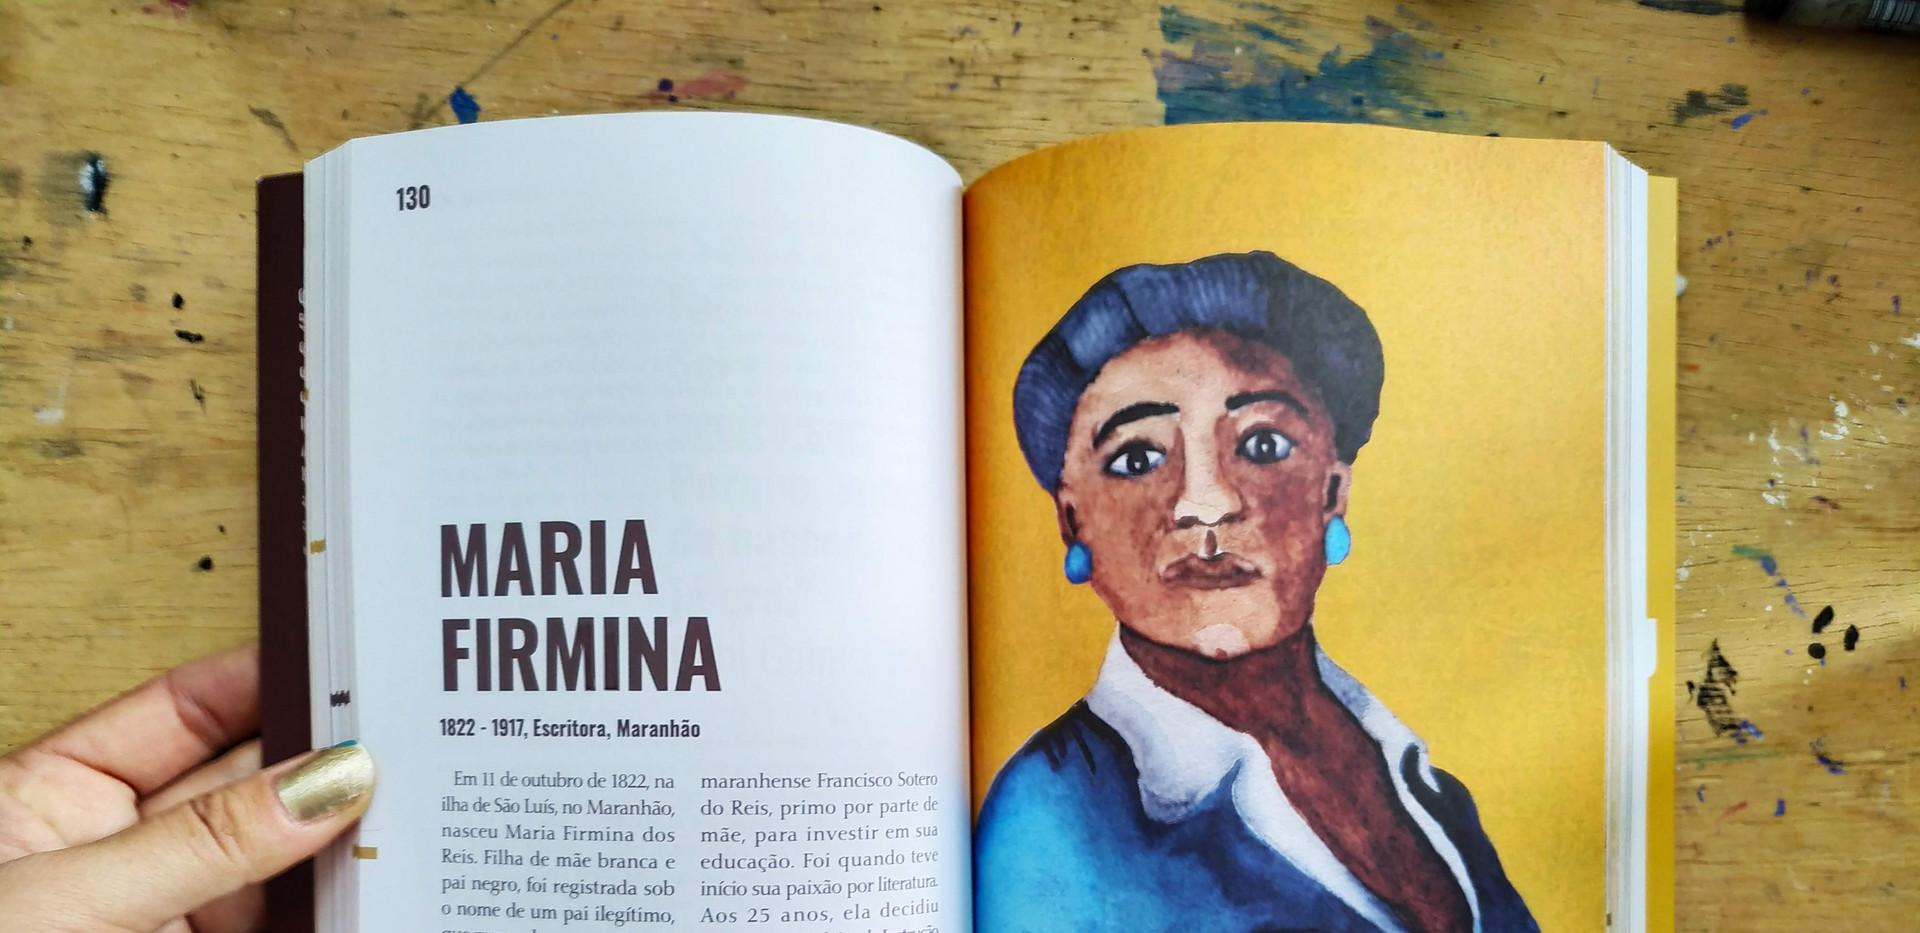 Maria Firmina por Priscapaes.jpg